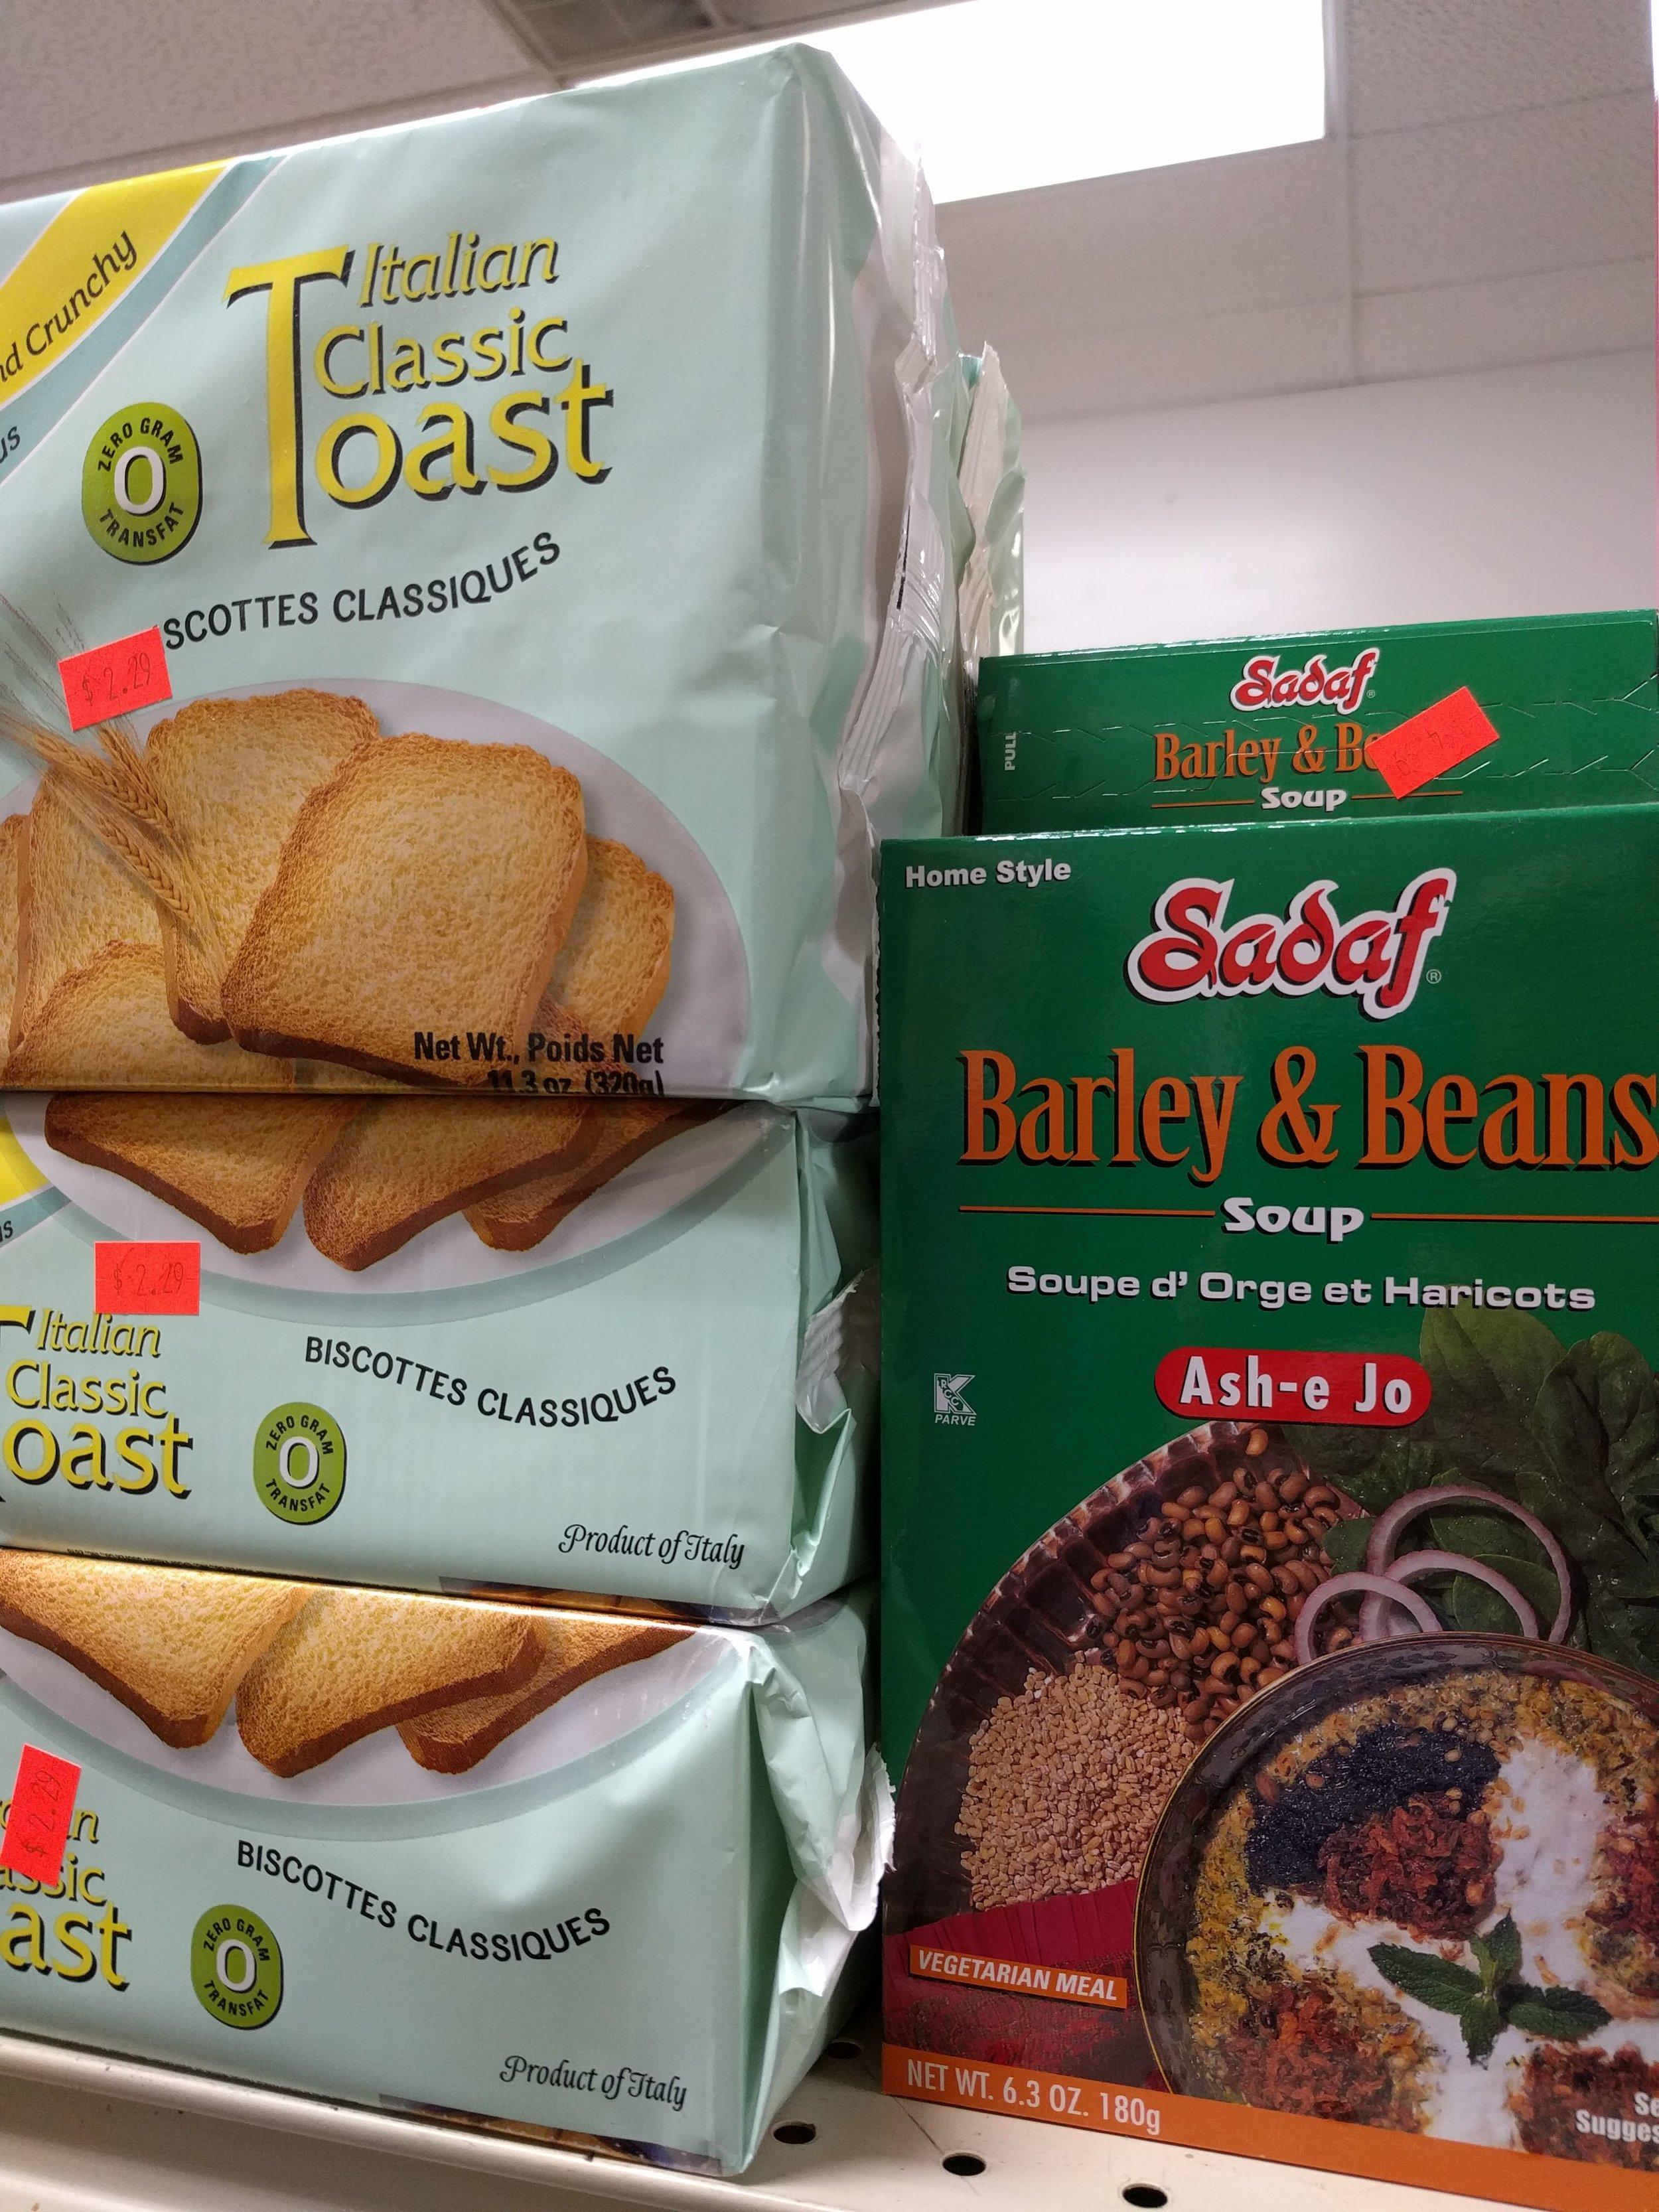 Sadaf-Barley-beans-Pak-Halal-International-Foods-12259-W-87th-St-Pkwy-Lenexa-KS-66215.jpg